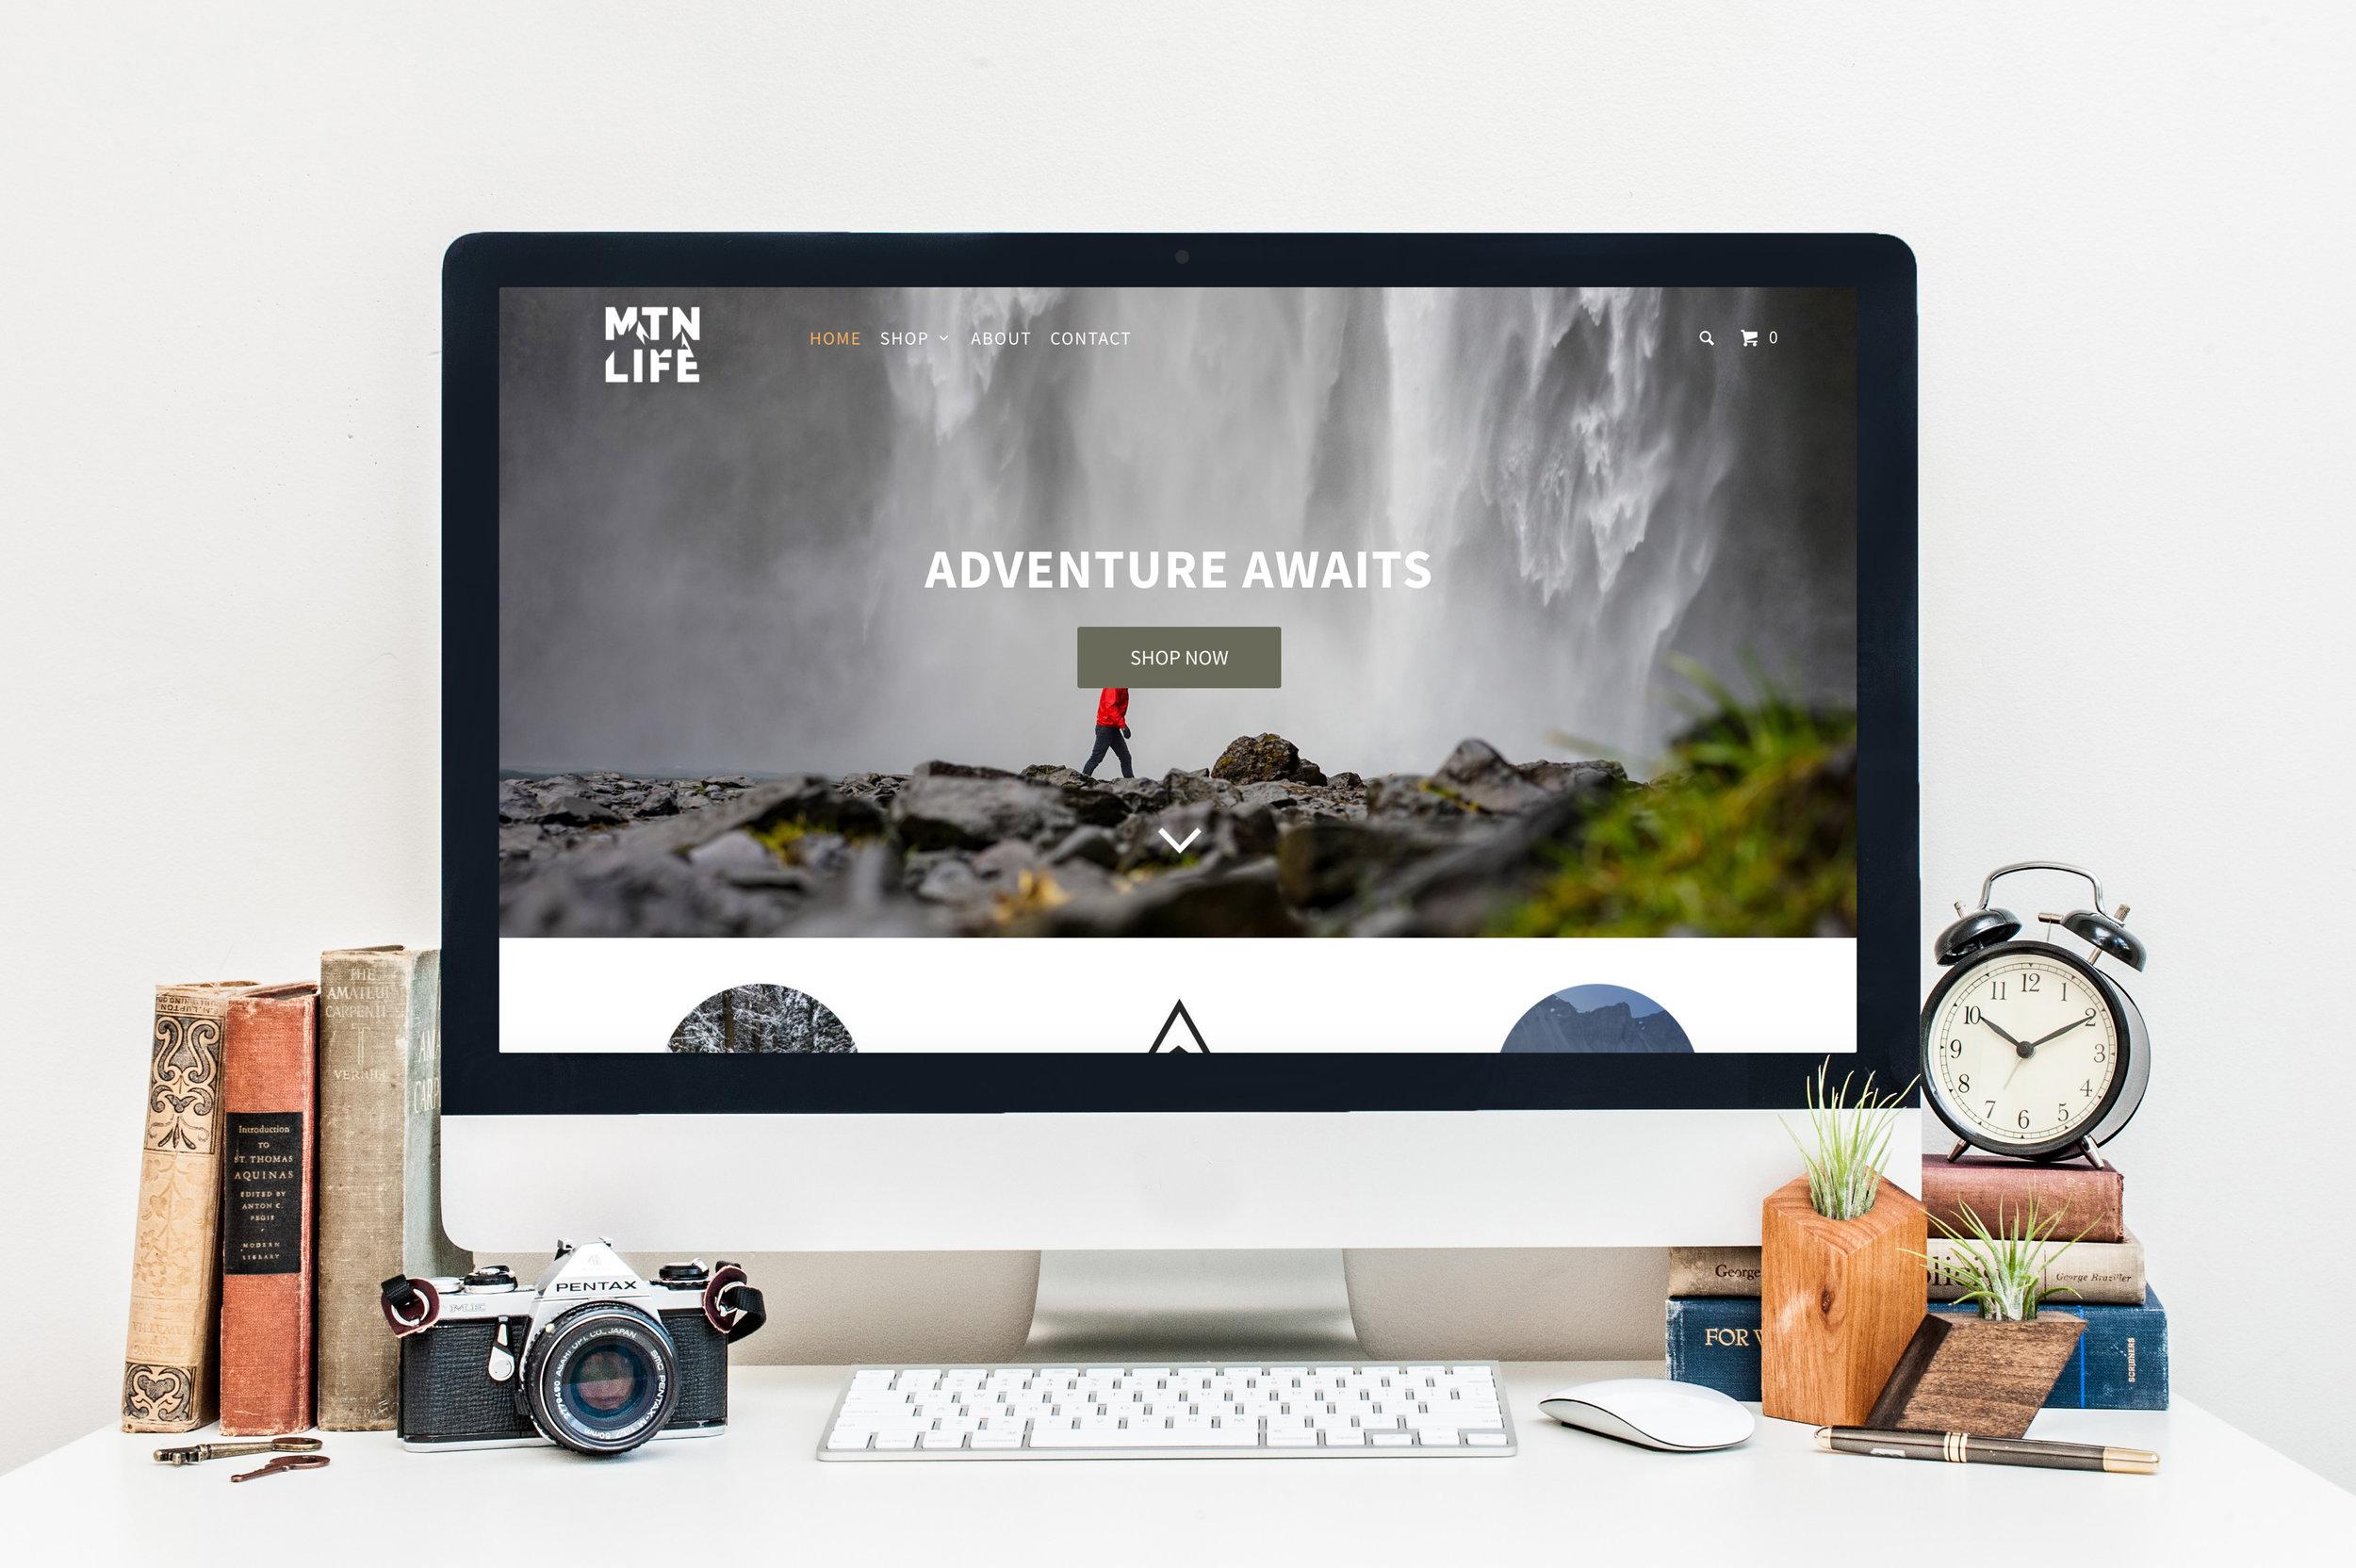 mtnlifeco branding and web design.jpg